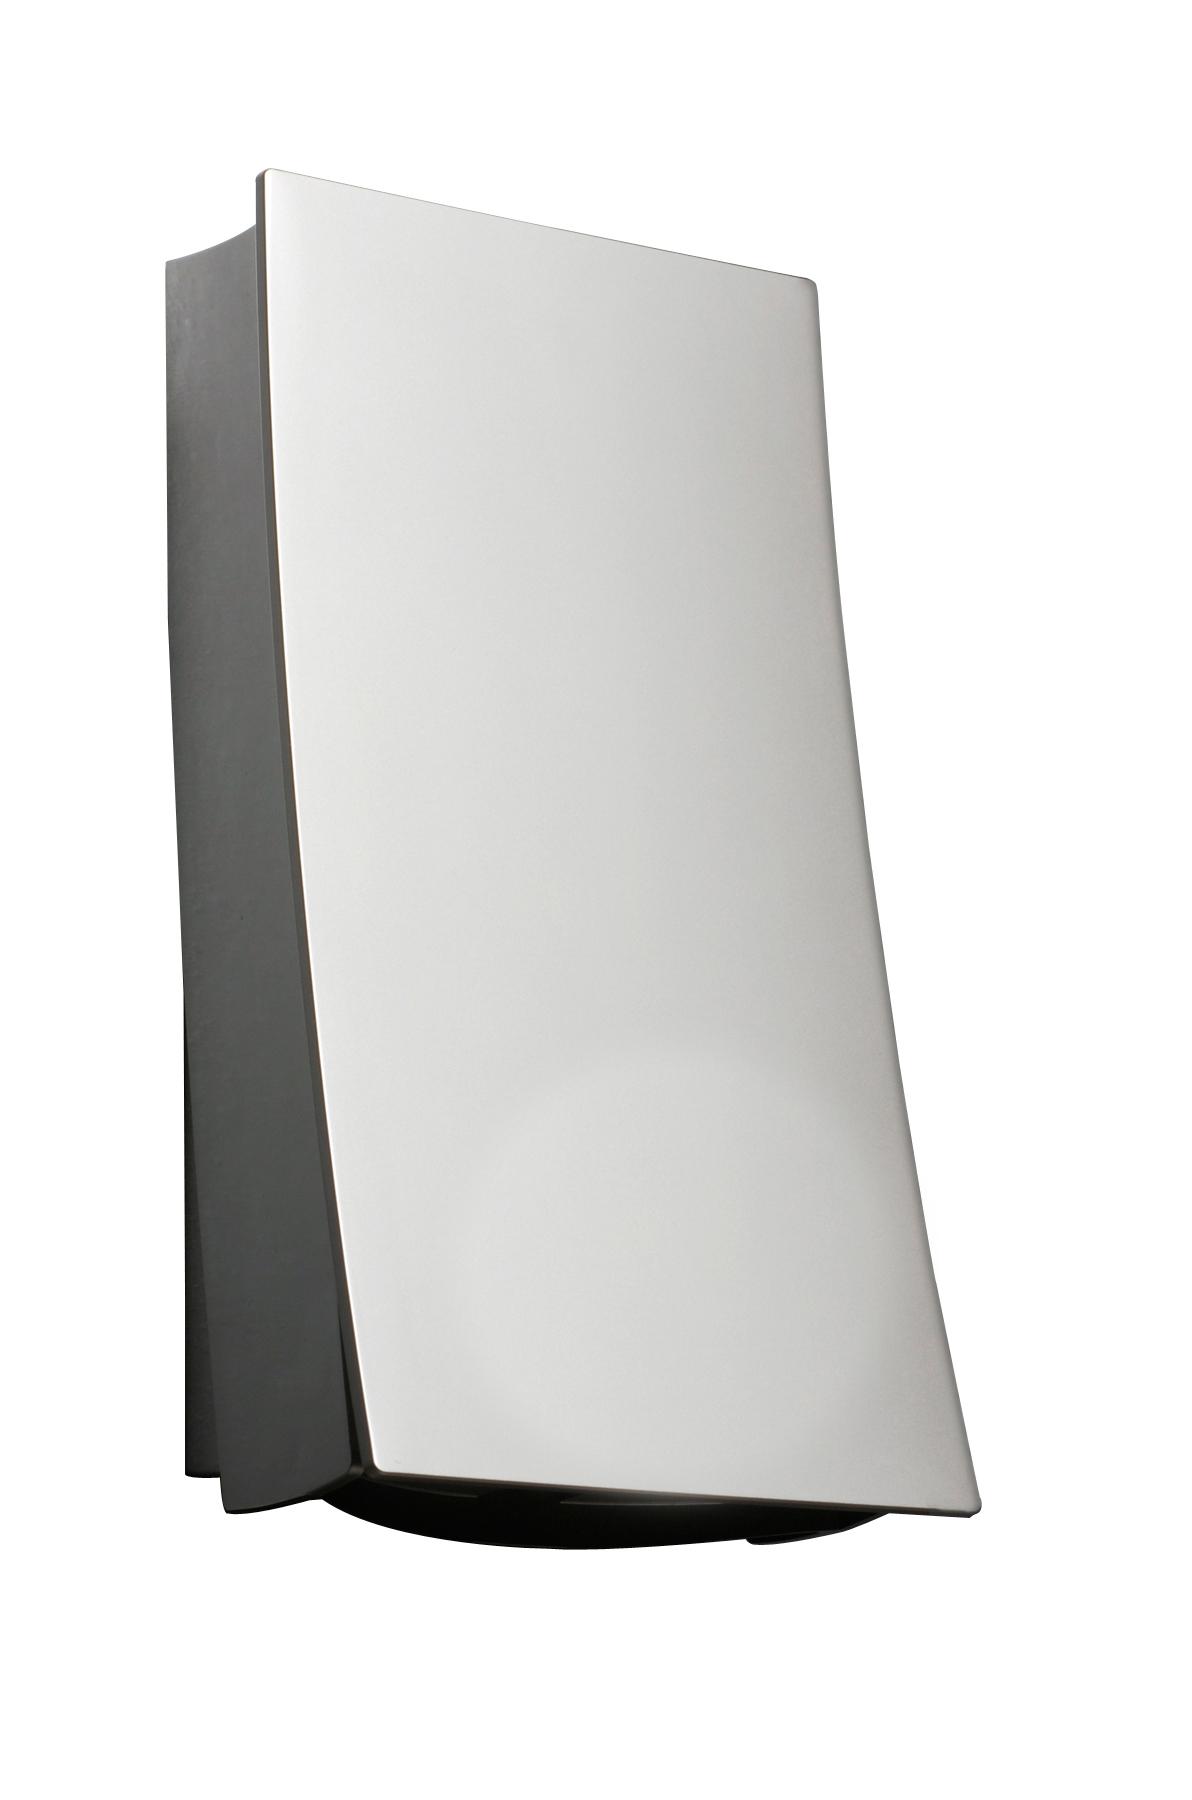 Seifenspender Wand Dusche : Replacement Soap Dispenser